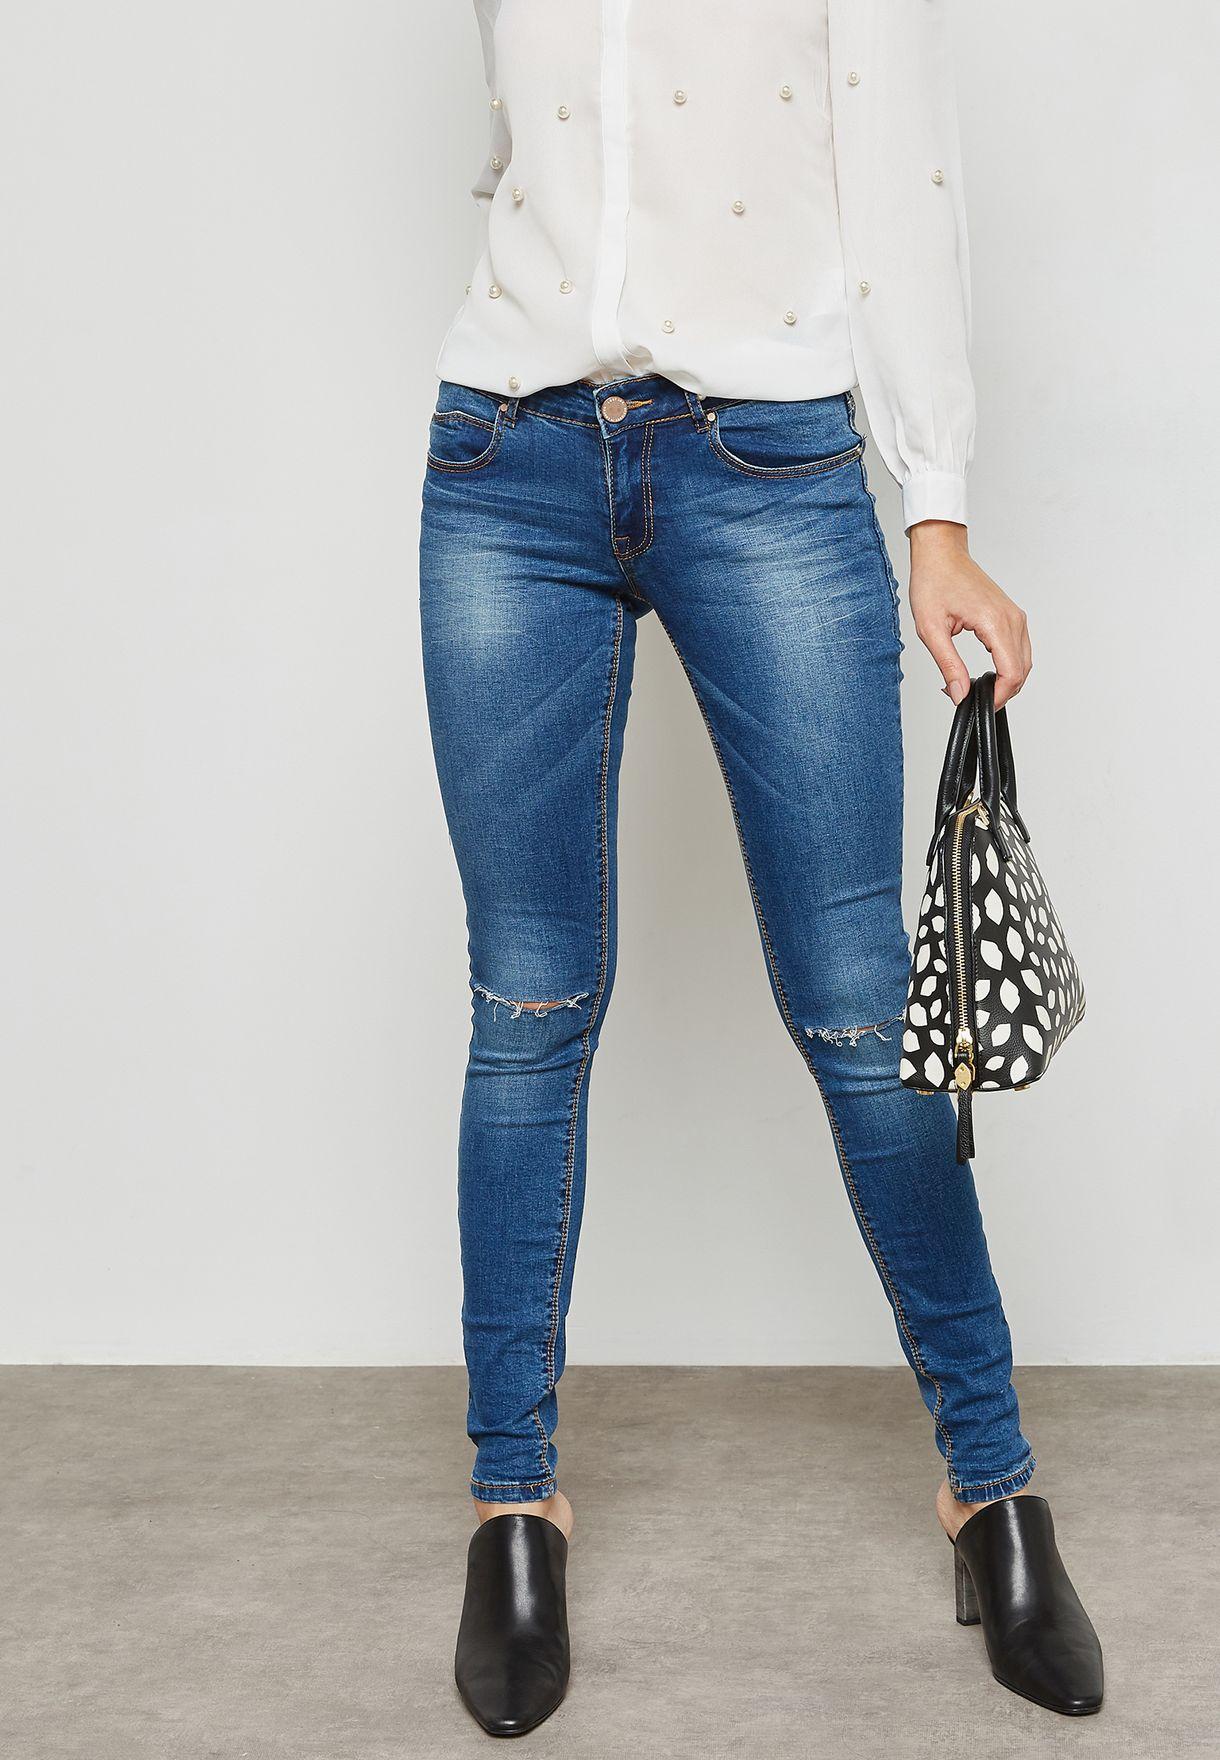 9dc8a740a تسوق جينز سكيني بأجزاء ممزقة ماركة لوست انك لون أزرق ...